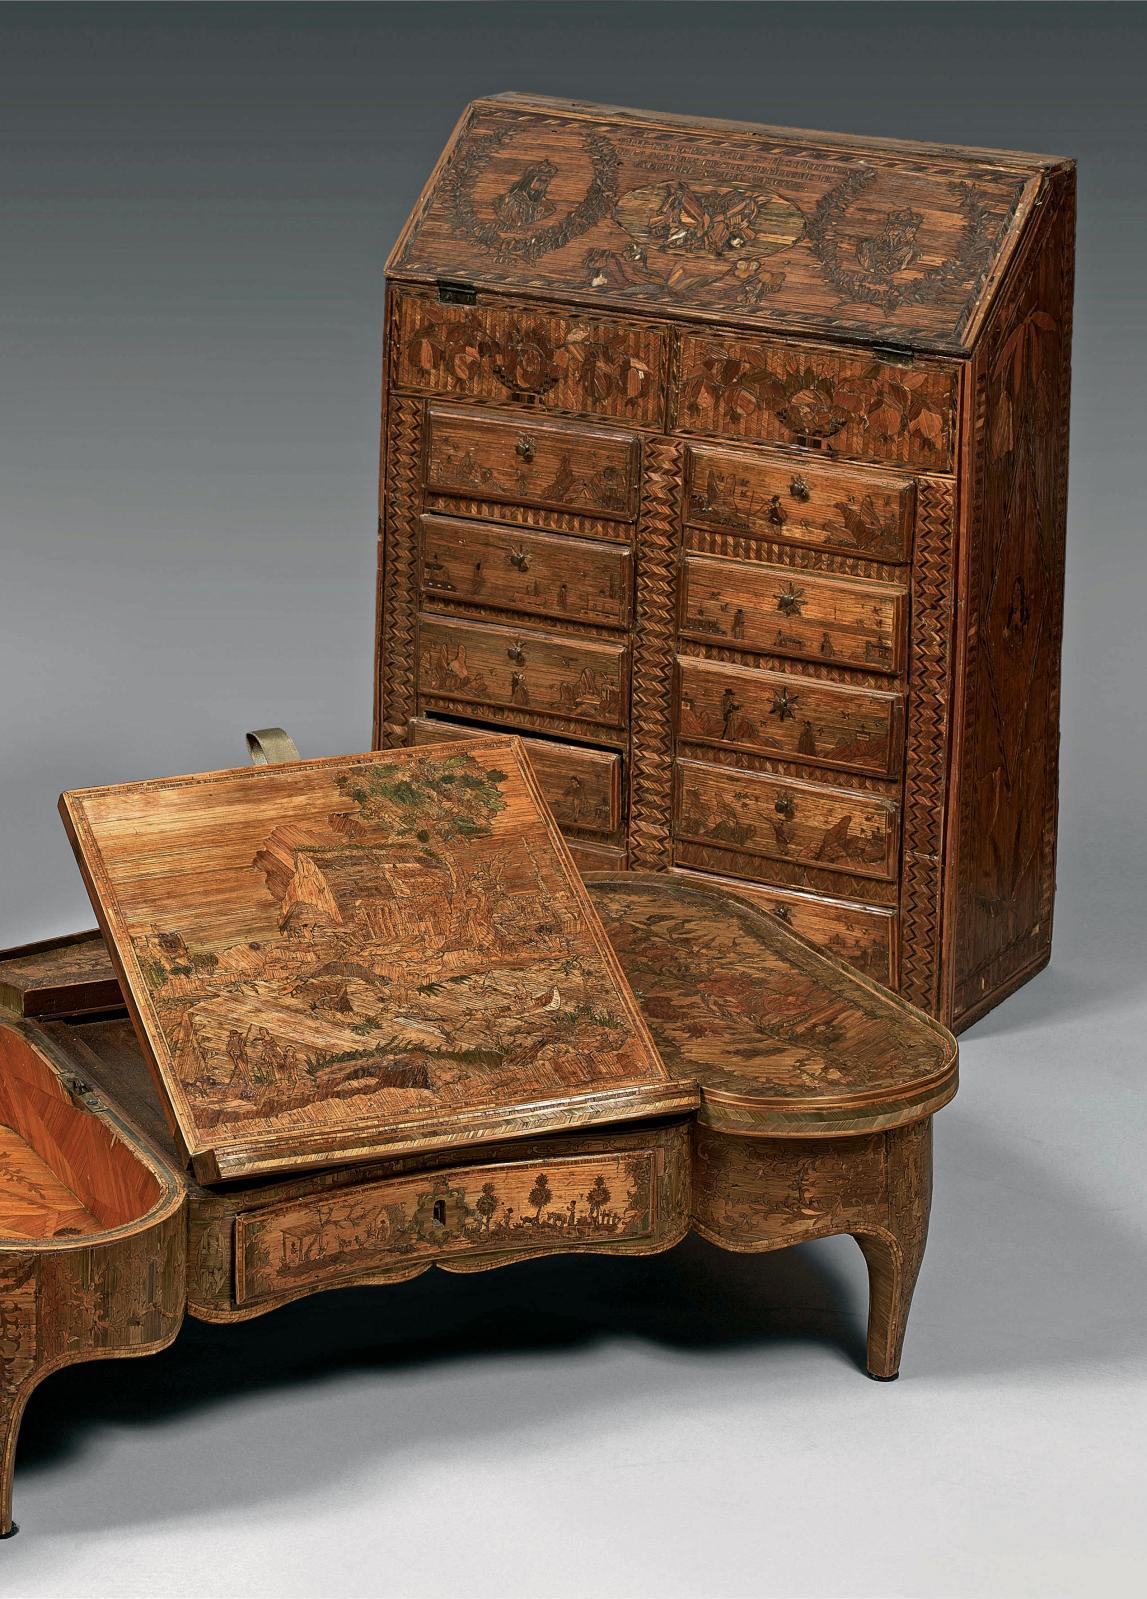 Table d'accouchée XVIIIesiècle attribuée à Delasson, 19x61,5x38cm (lot n°184 du catalogue), et scriban miniature, vers 1800, 58x43x18cm (l